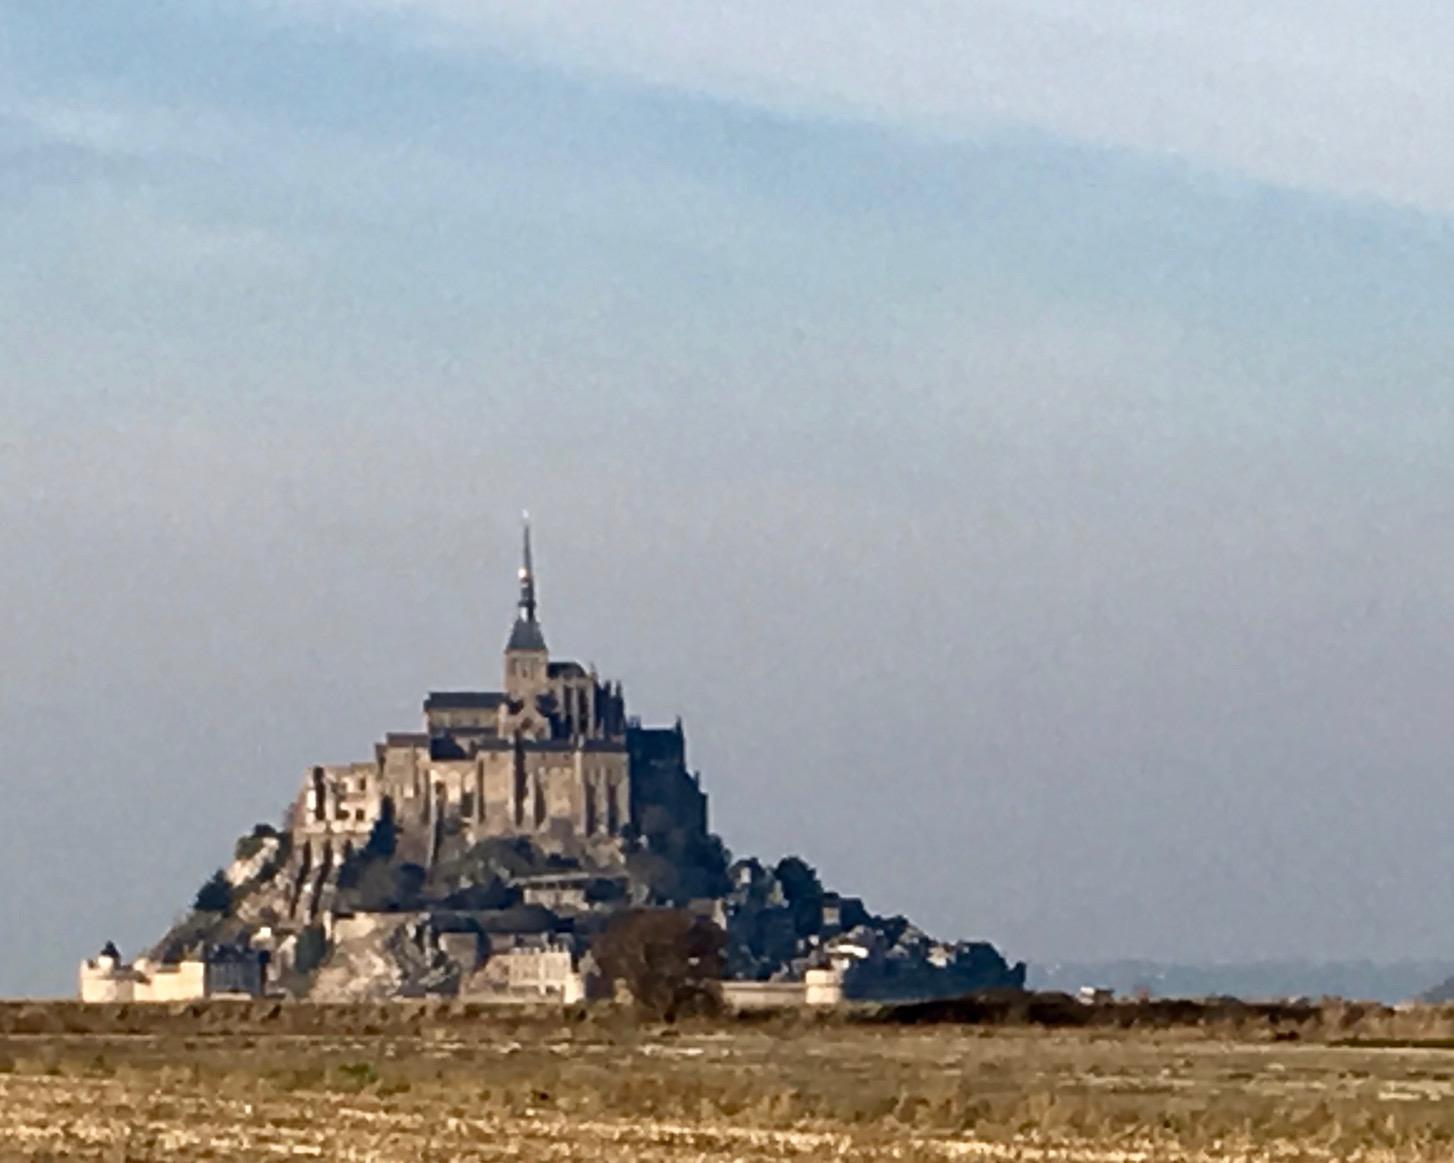 vom Wohnmobilstellplatz Blick auf Le Mont-Saint-Michel Normandie Frankreich